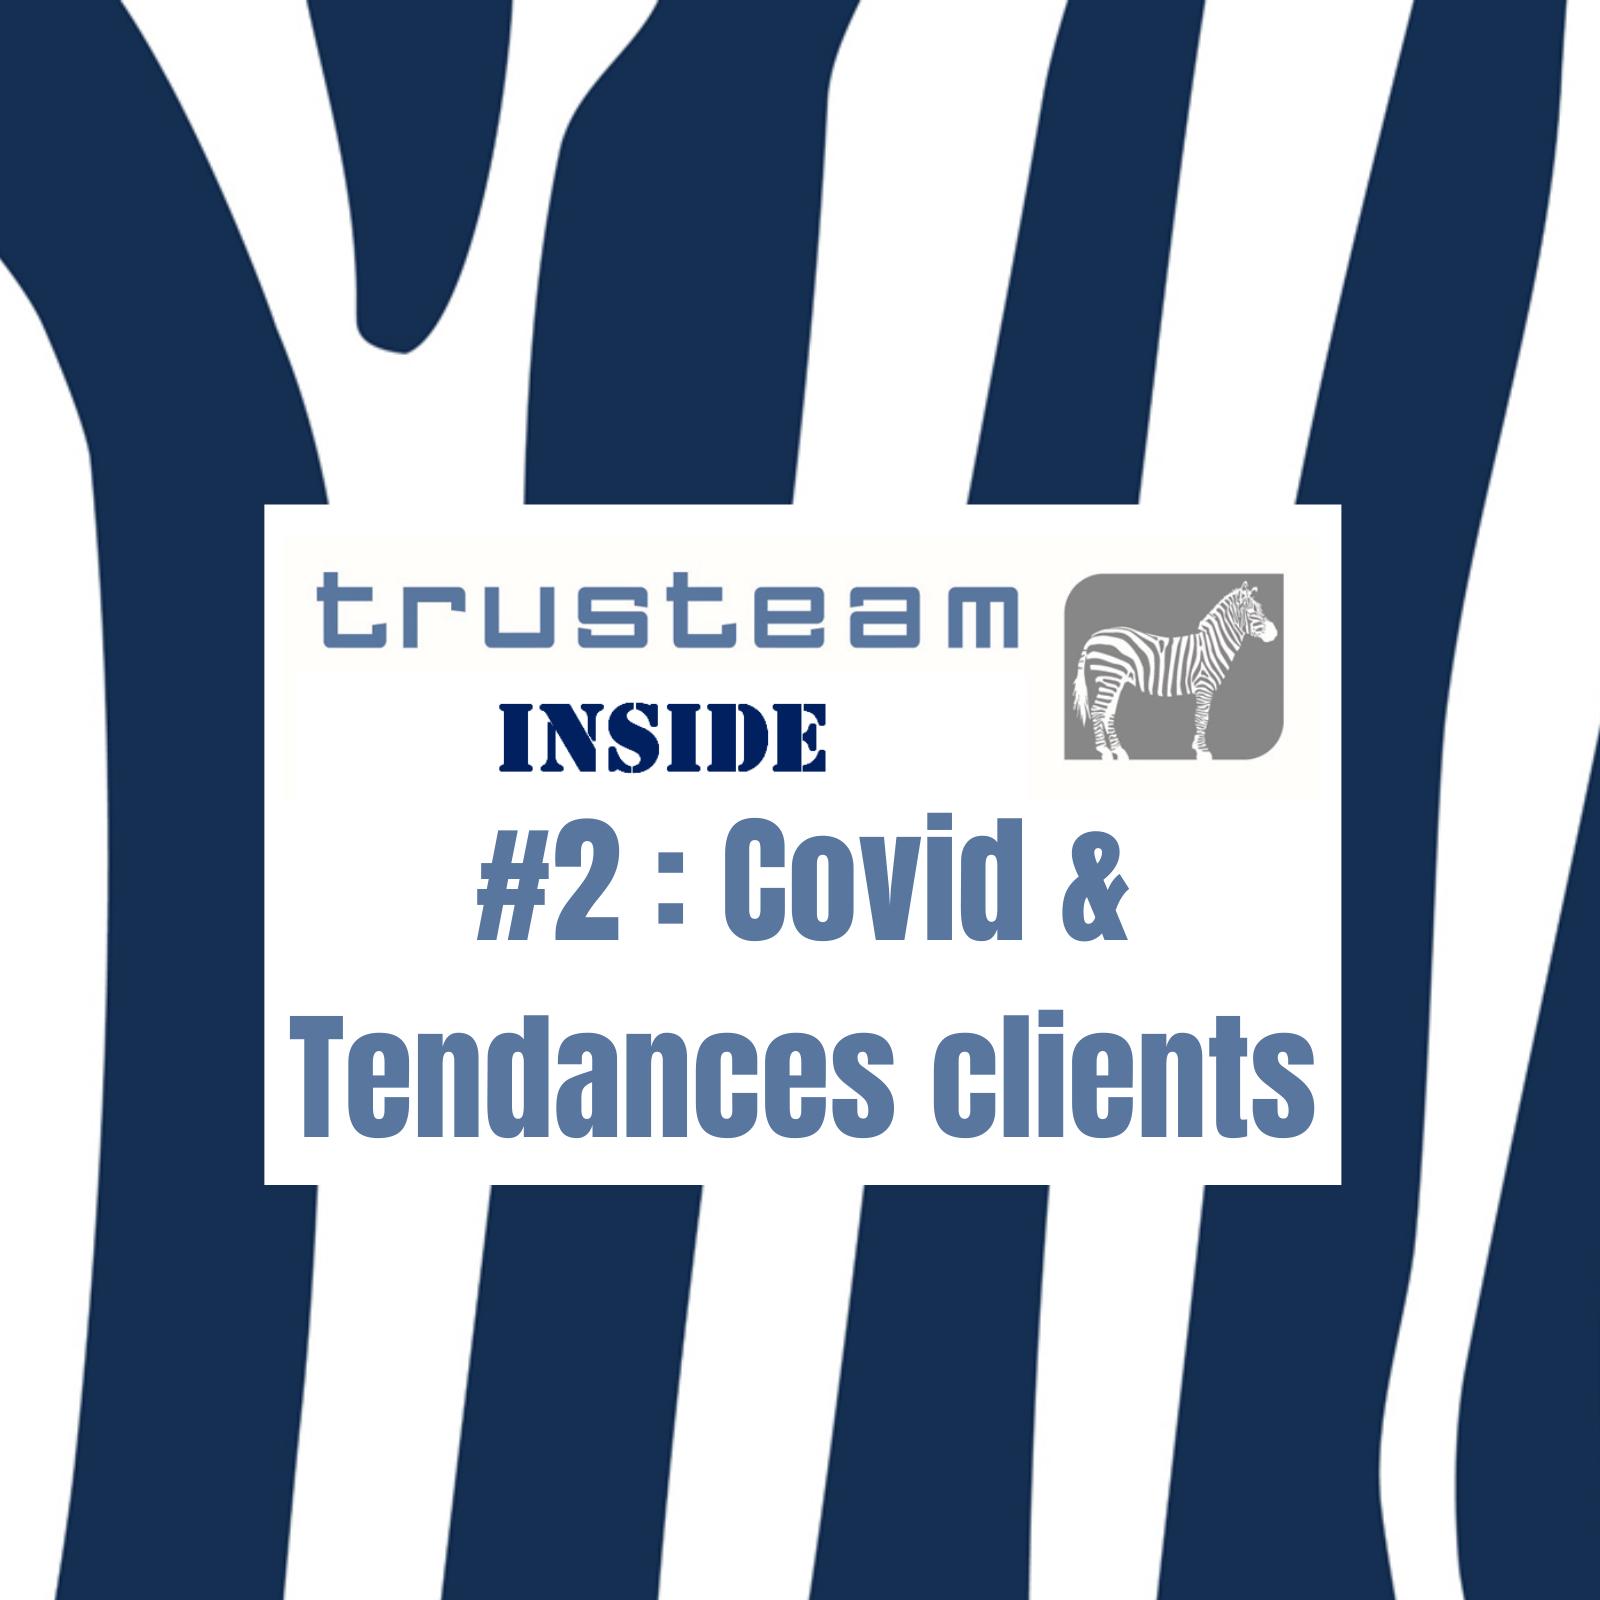 Covid & Tendances clients